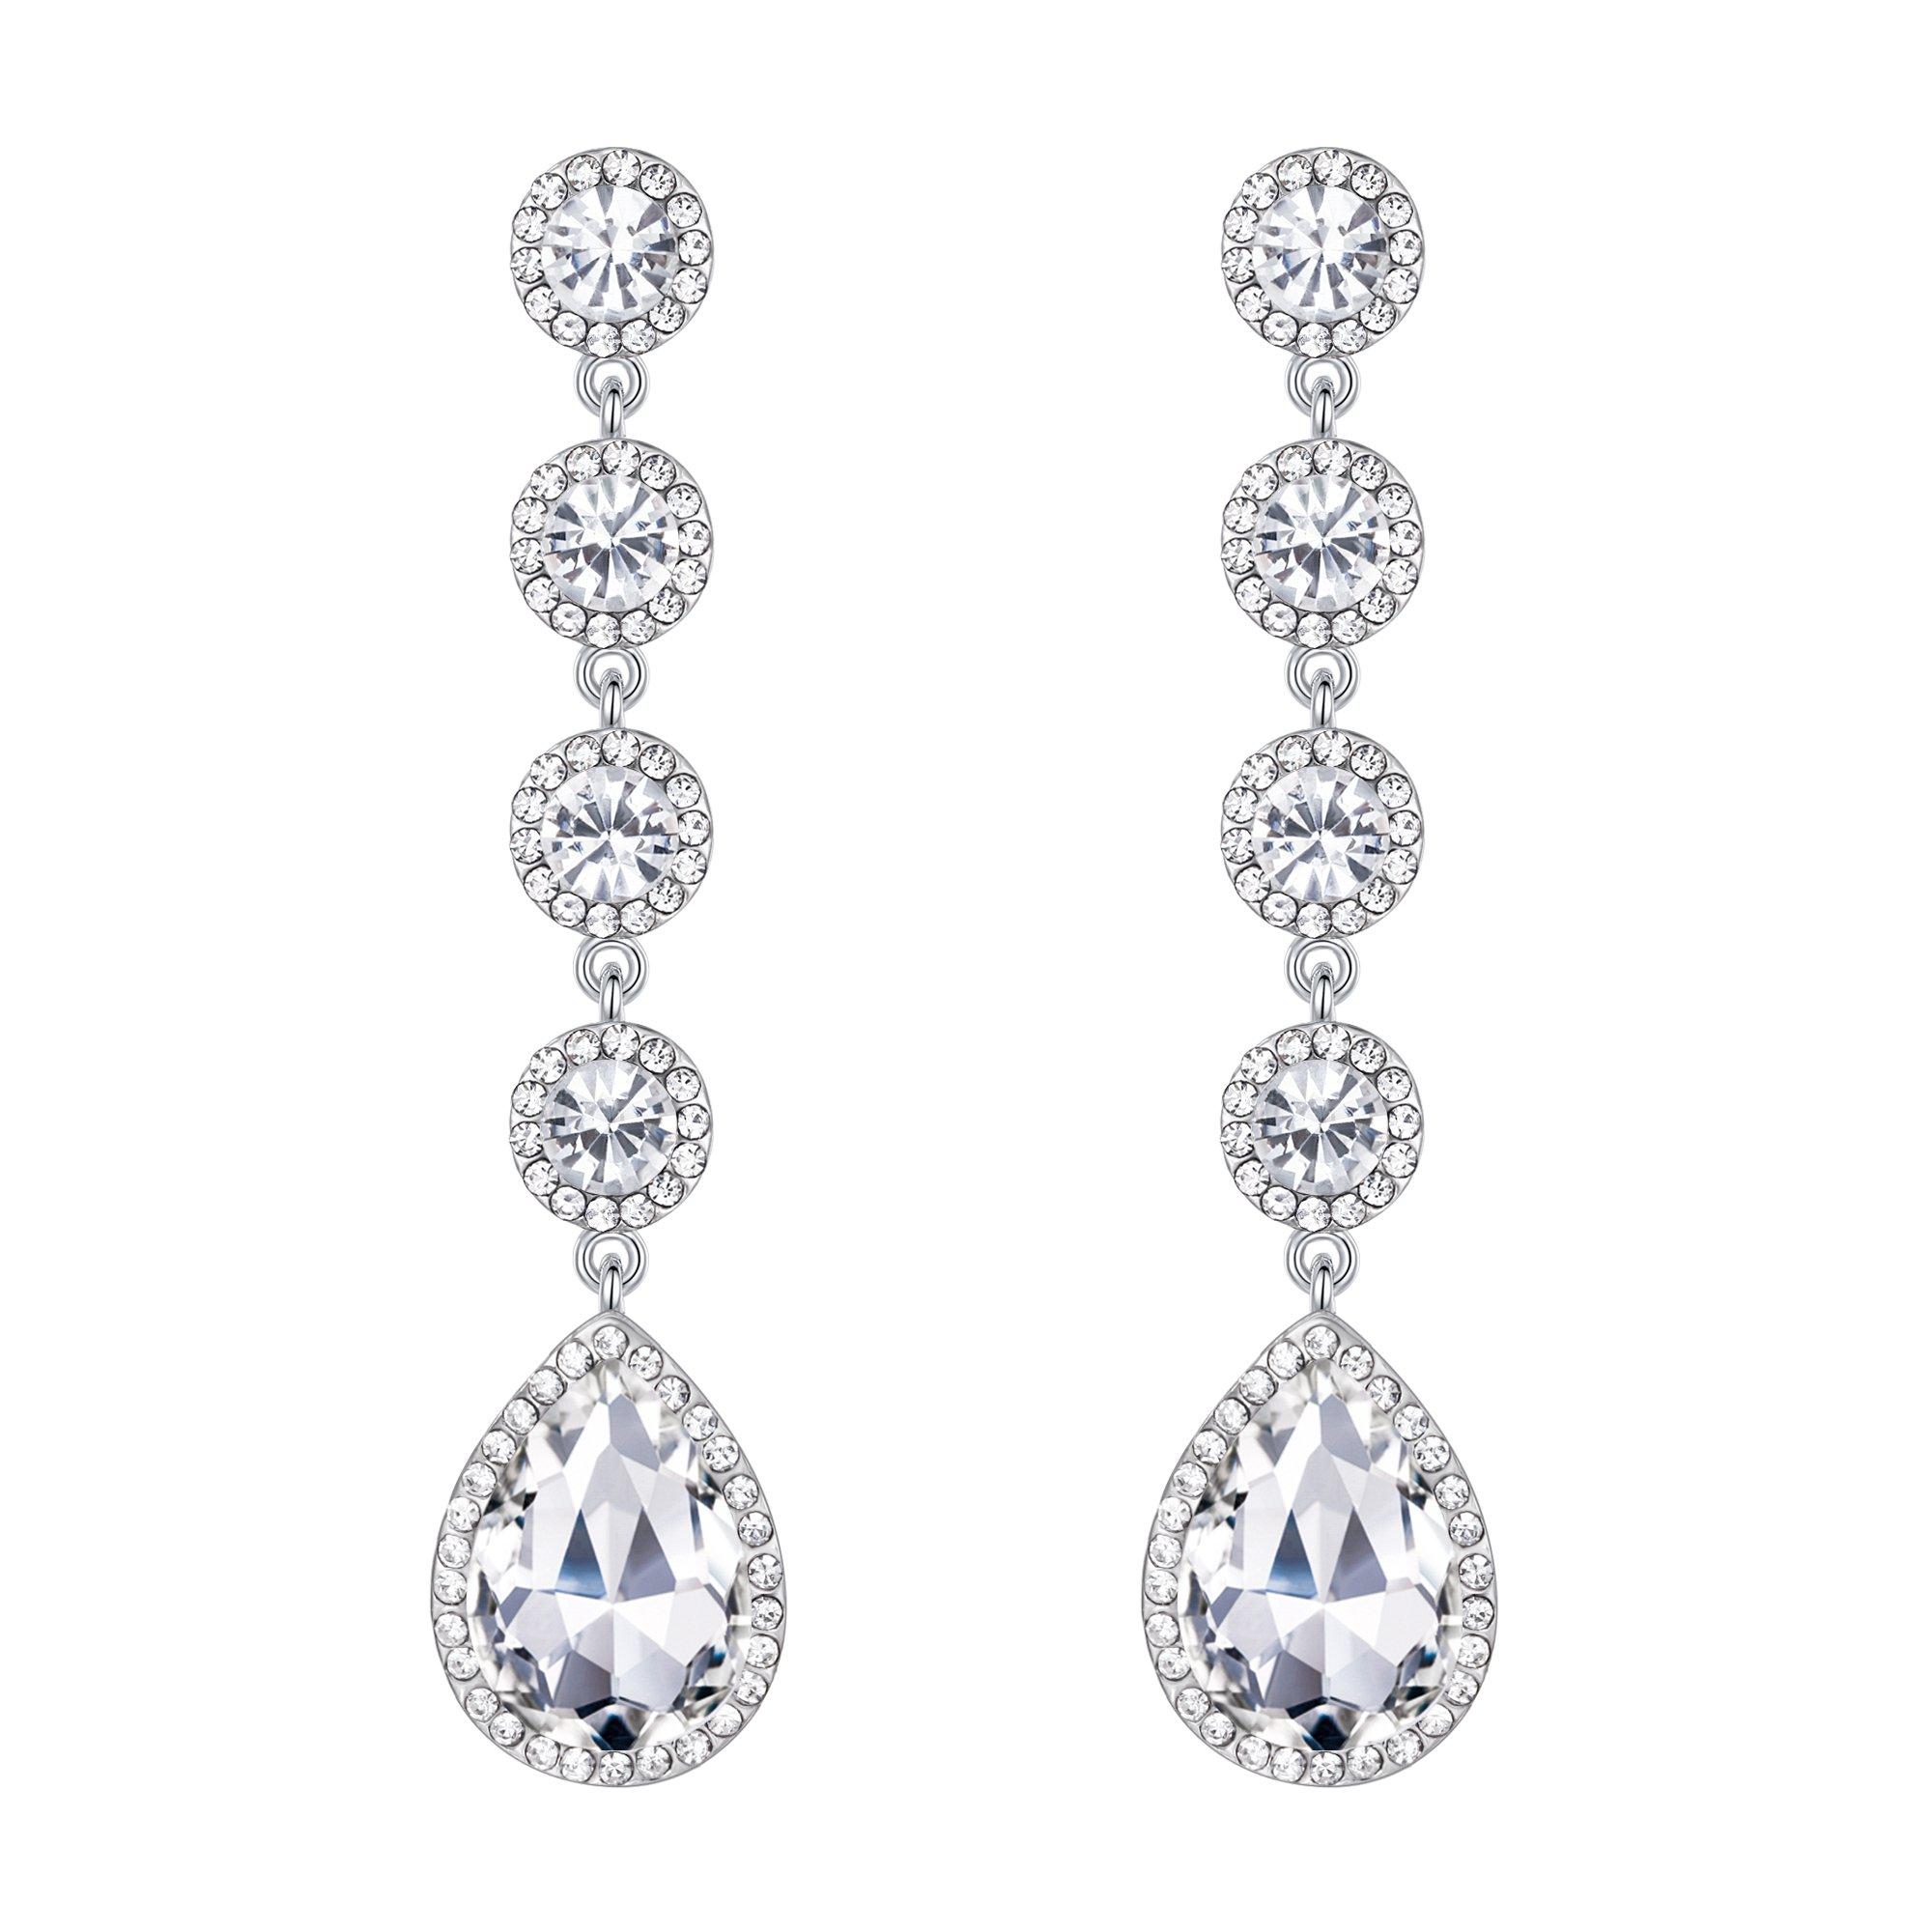 BriLove Silver-Tone Dangle Earrings for Women Wedding Bridal Elegant Crystal Teardrop Chandelier Earrings Clear